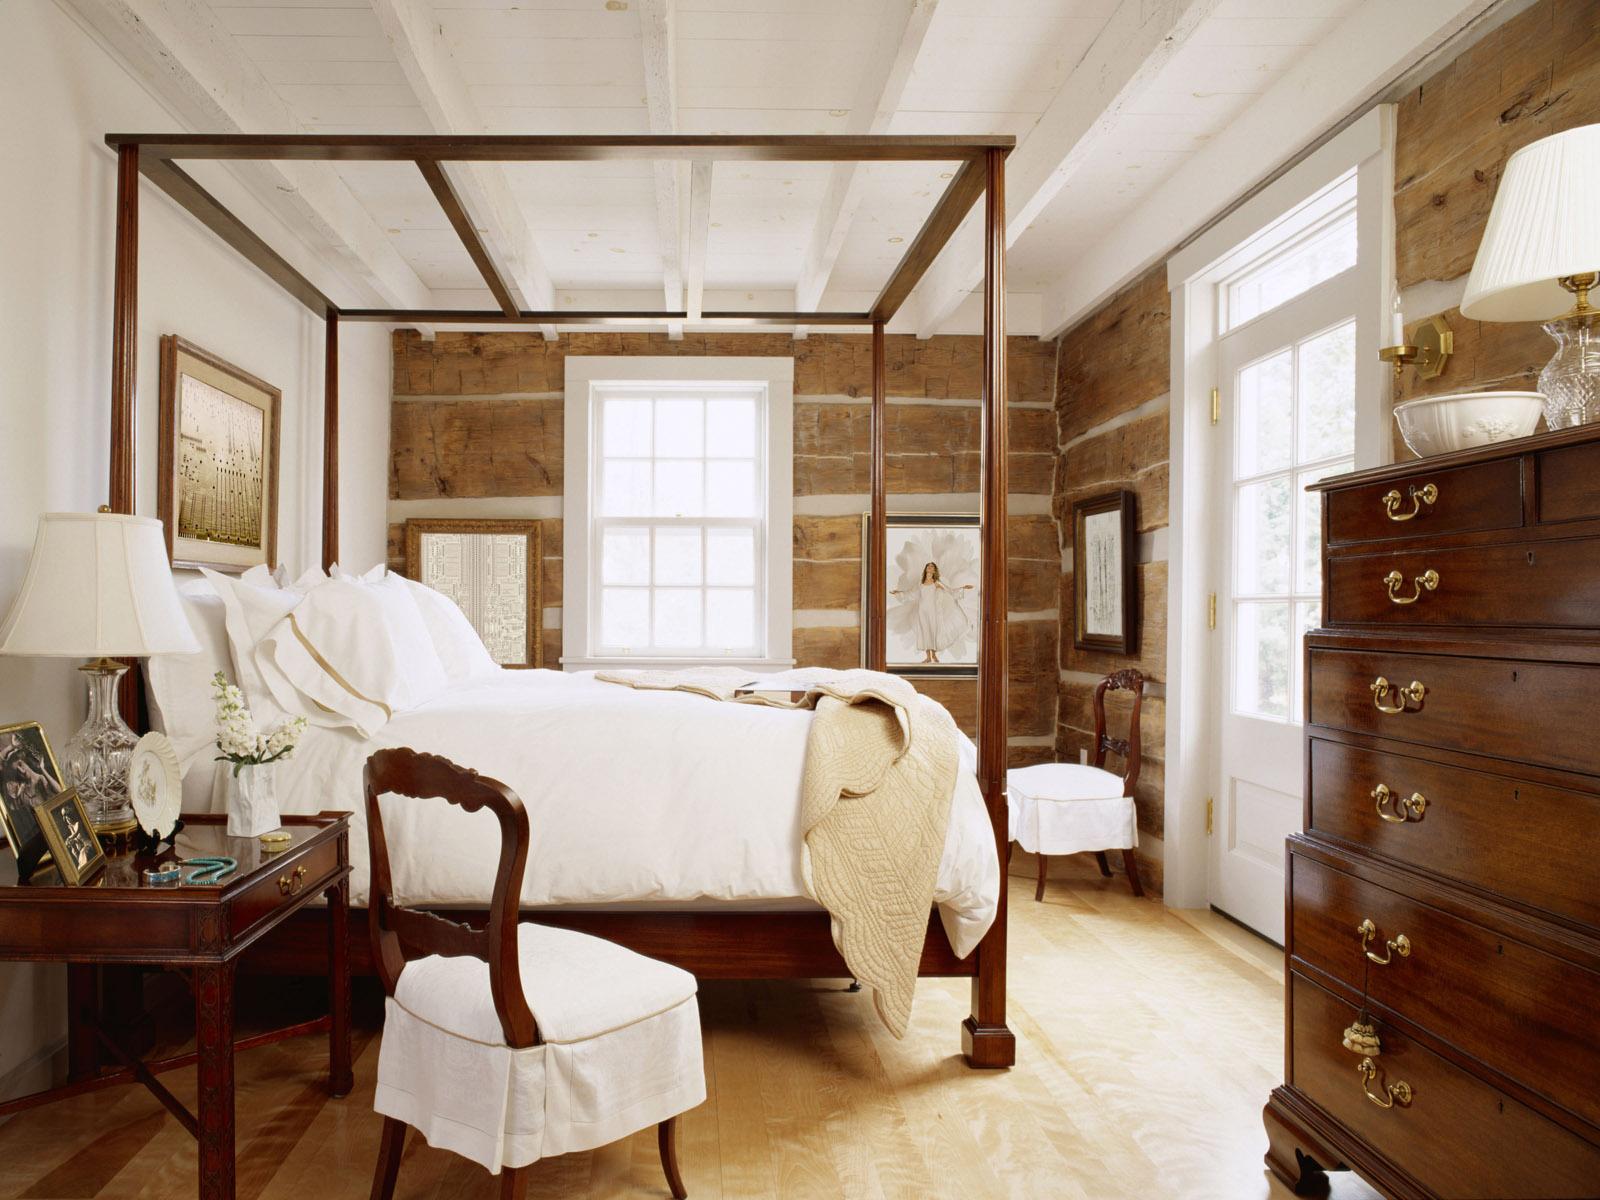 Уютная спальня с деревянной мебелью